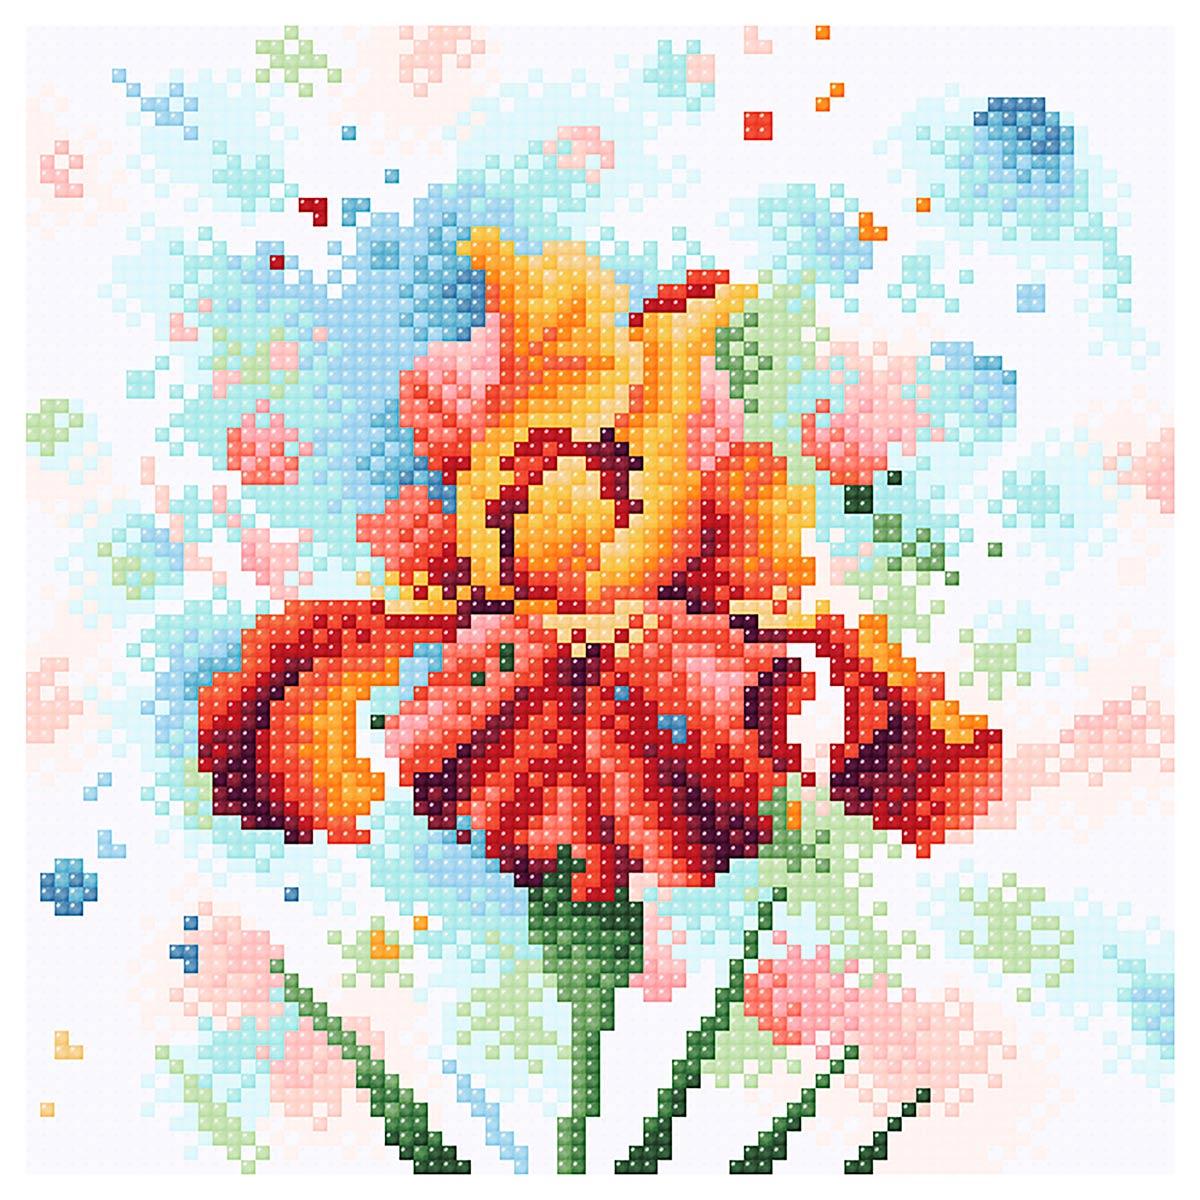 МС 038 Алмазная мозаика 'Страстное очарование'20*20см Brilliart